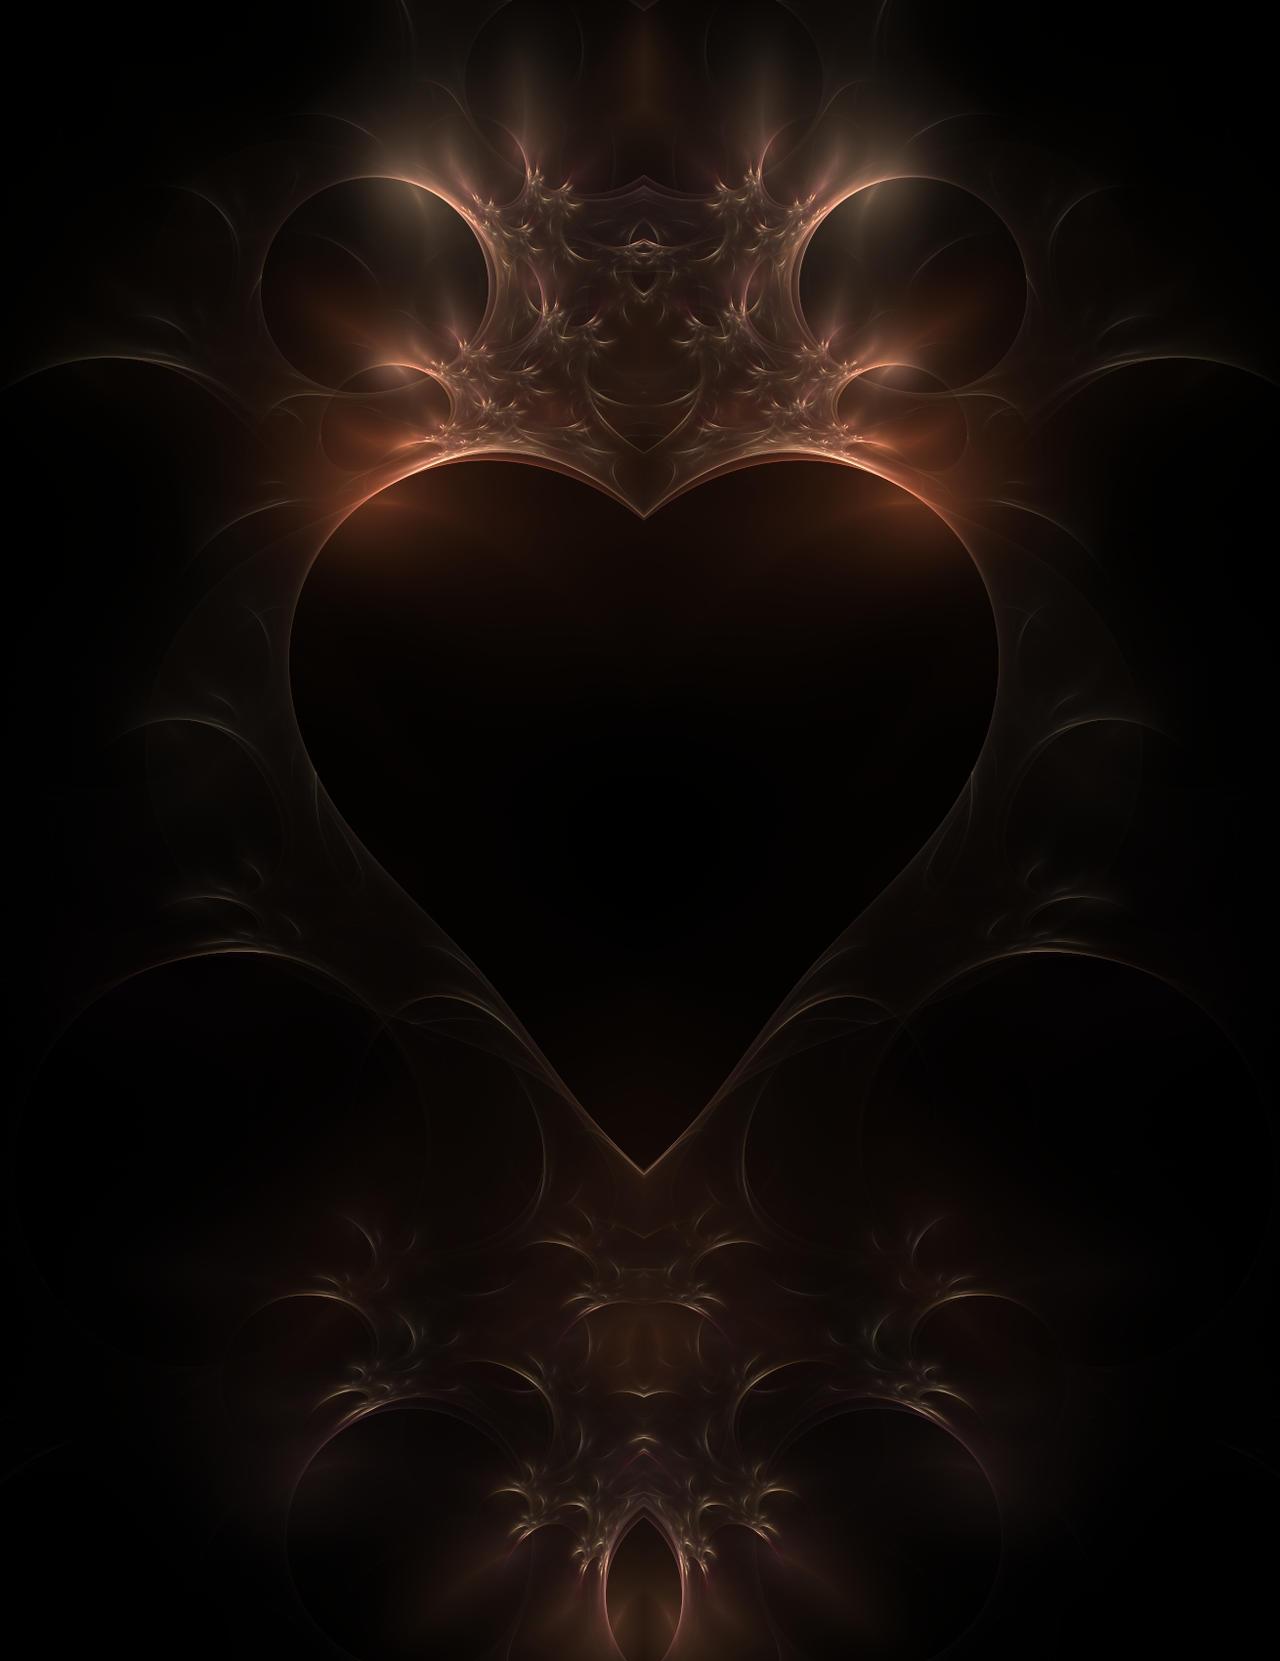 Prestigious Heart by AL3KSAND3R